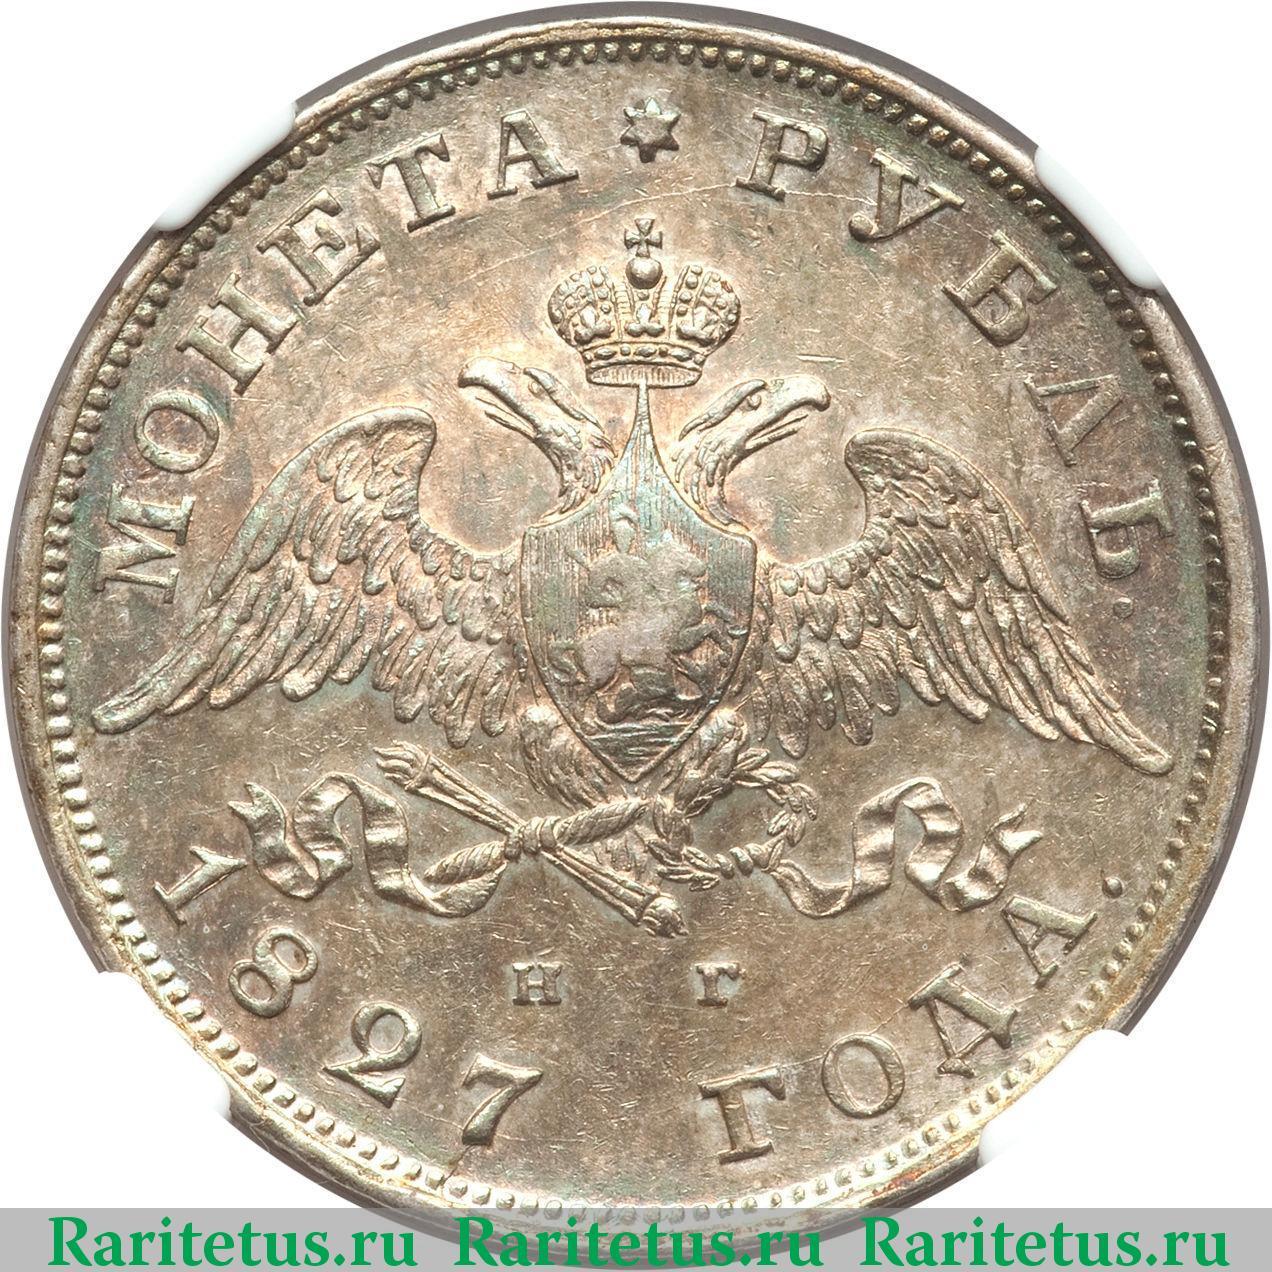 Стоимость монеты 1827 года сколько весит 50 копеек